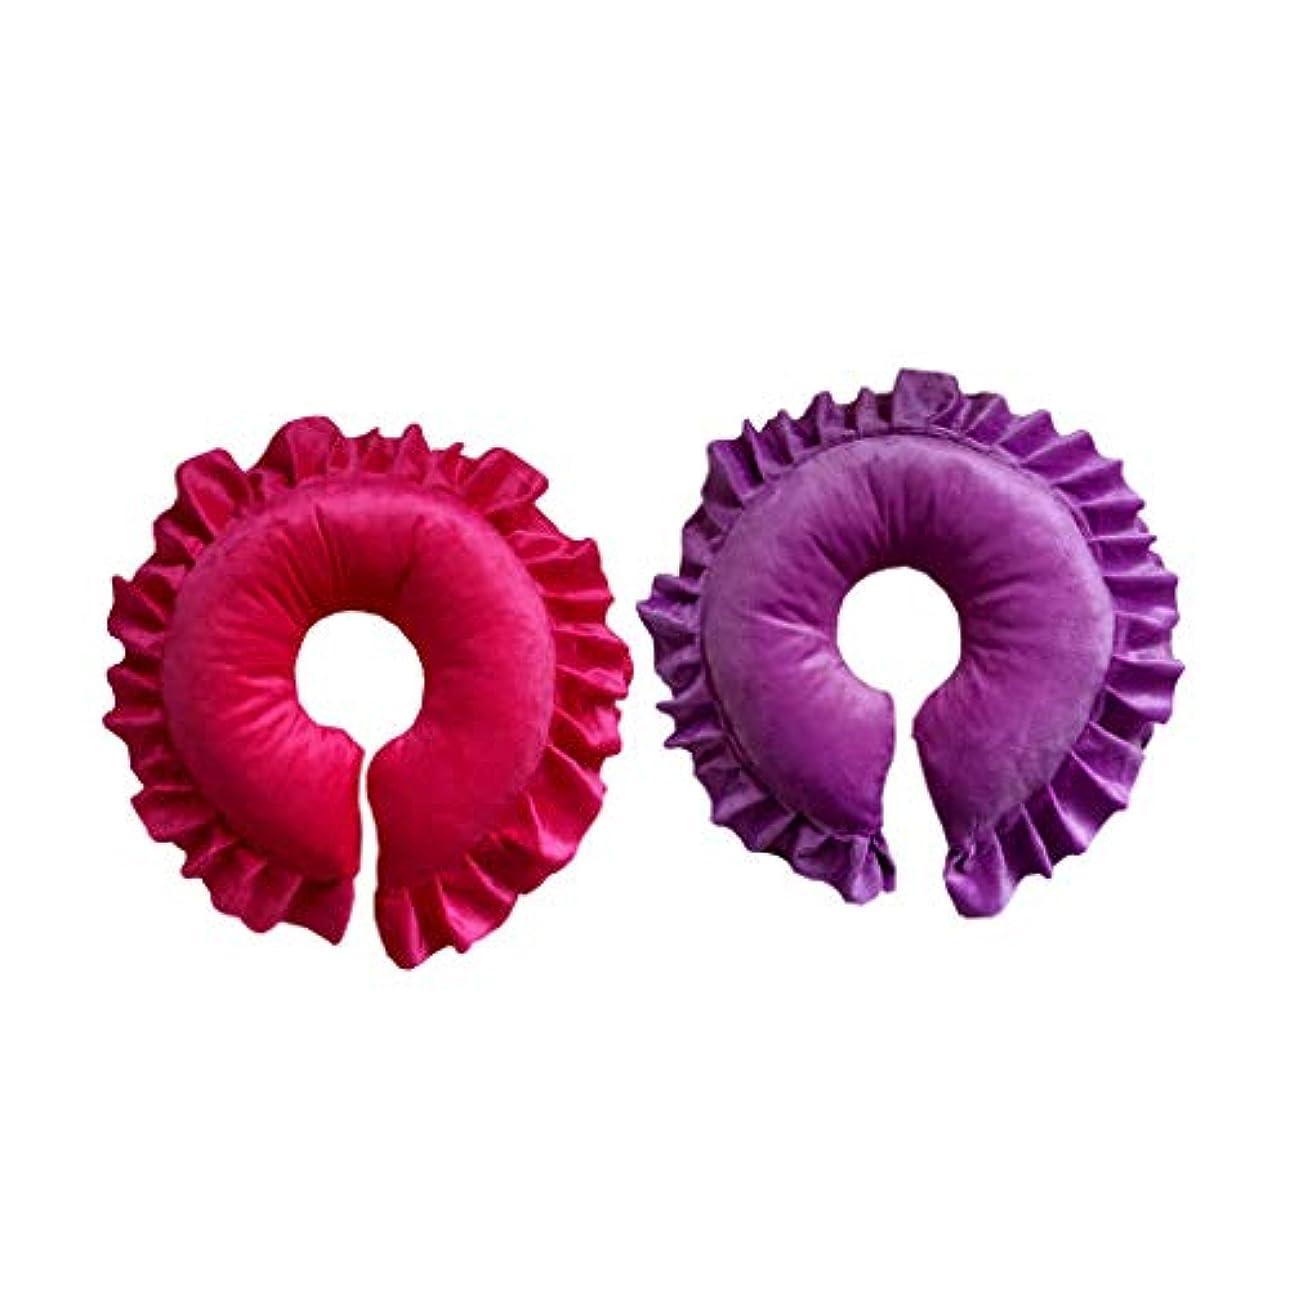 正当化する噴火思いやりのあるchiwanji フェイスピロー マッサージ枕 クッション サロン スパ 快適 実用的 紫&赤 2個入り